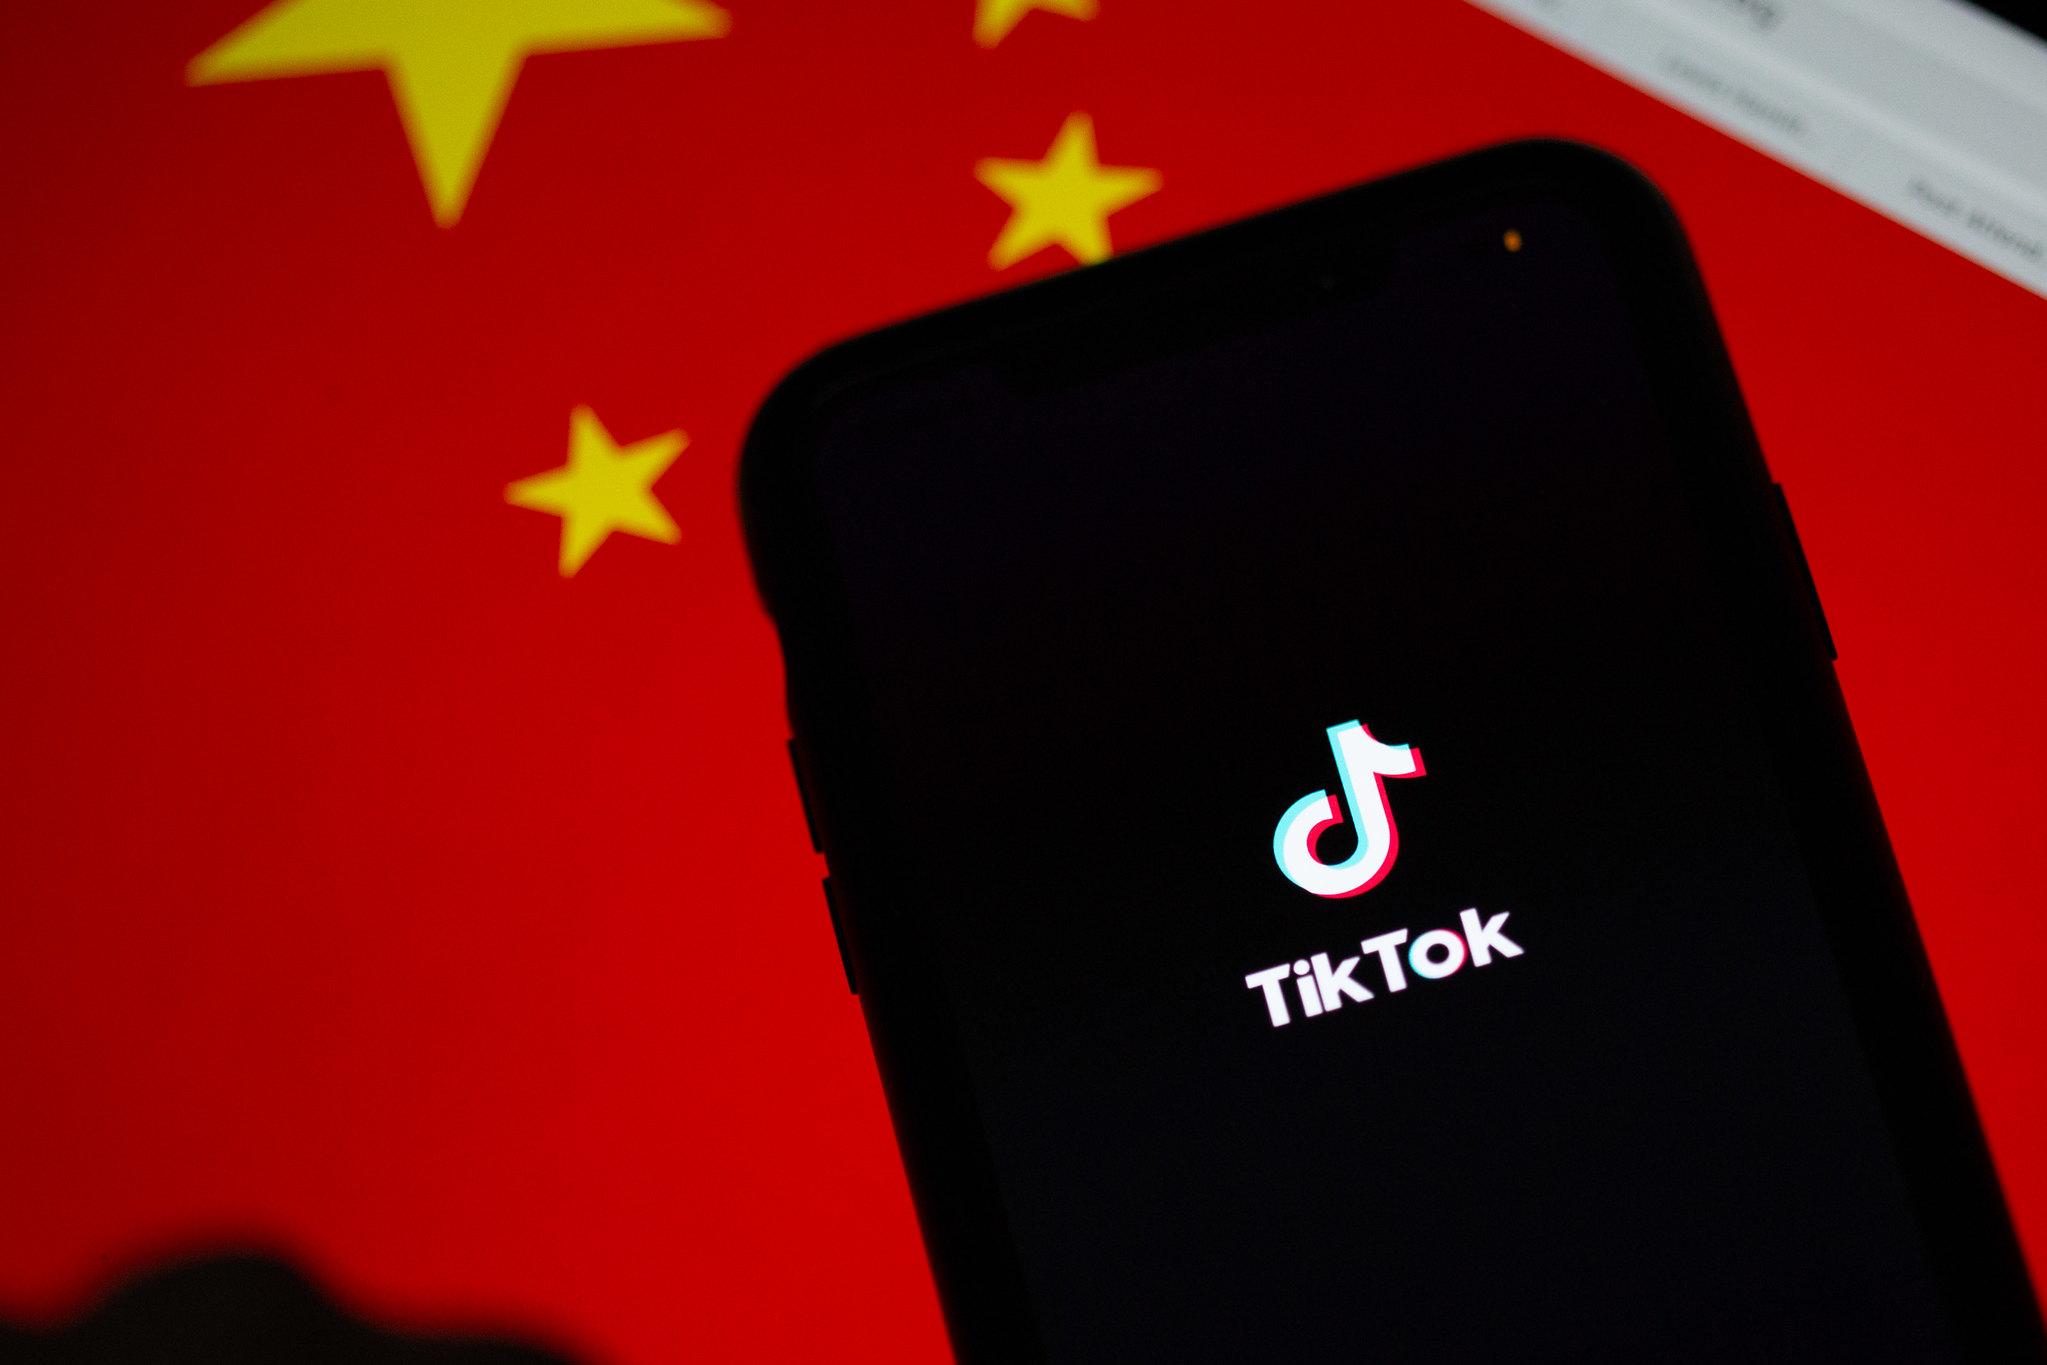 تطبيق تيك توك الصين